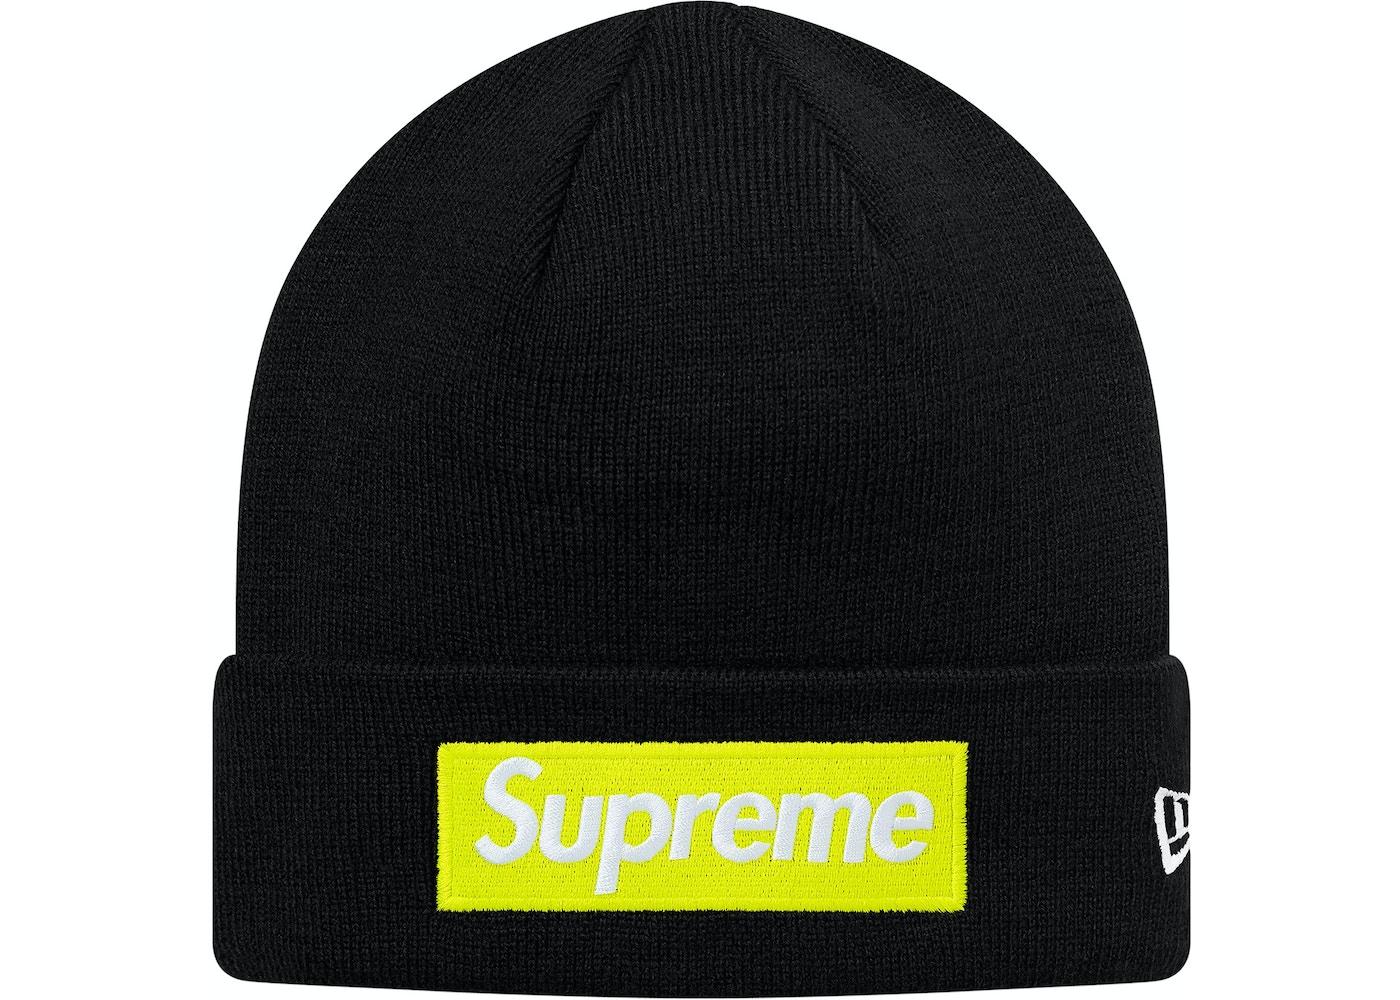 Streetwear - Supreme Headwear - Price Premium 67e91d53ba91